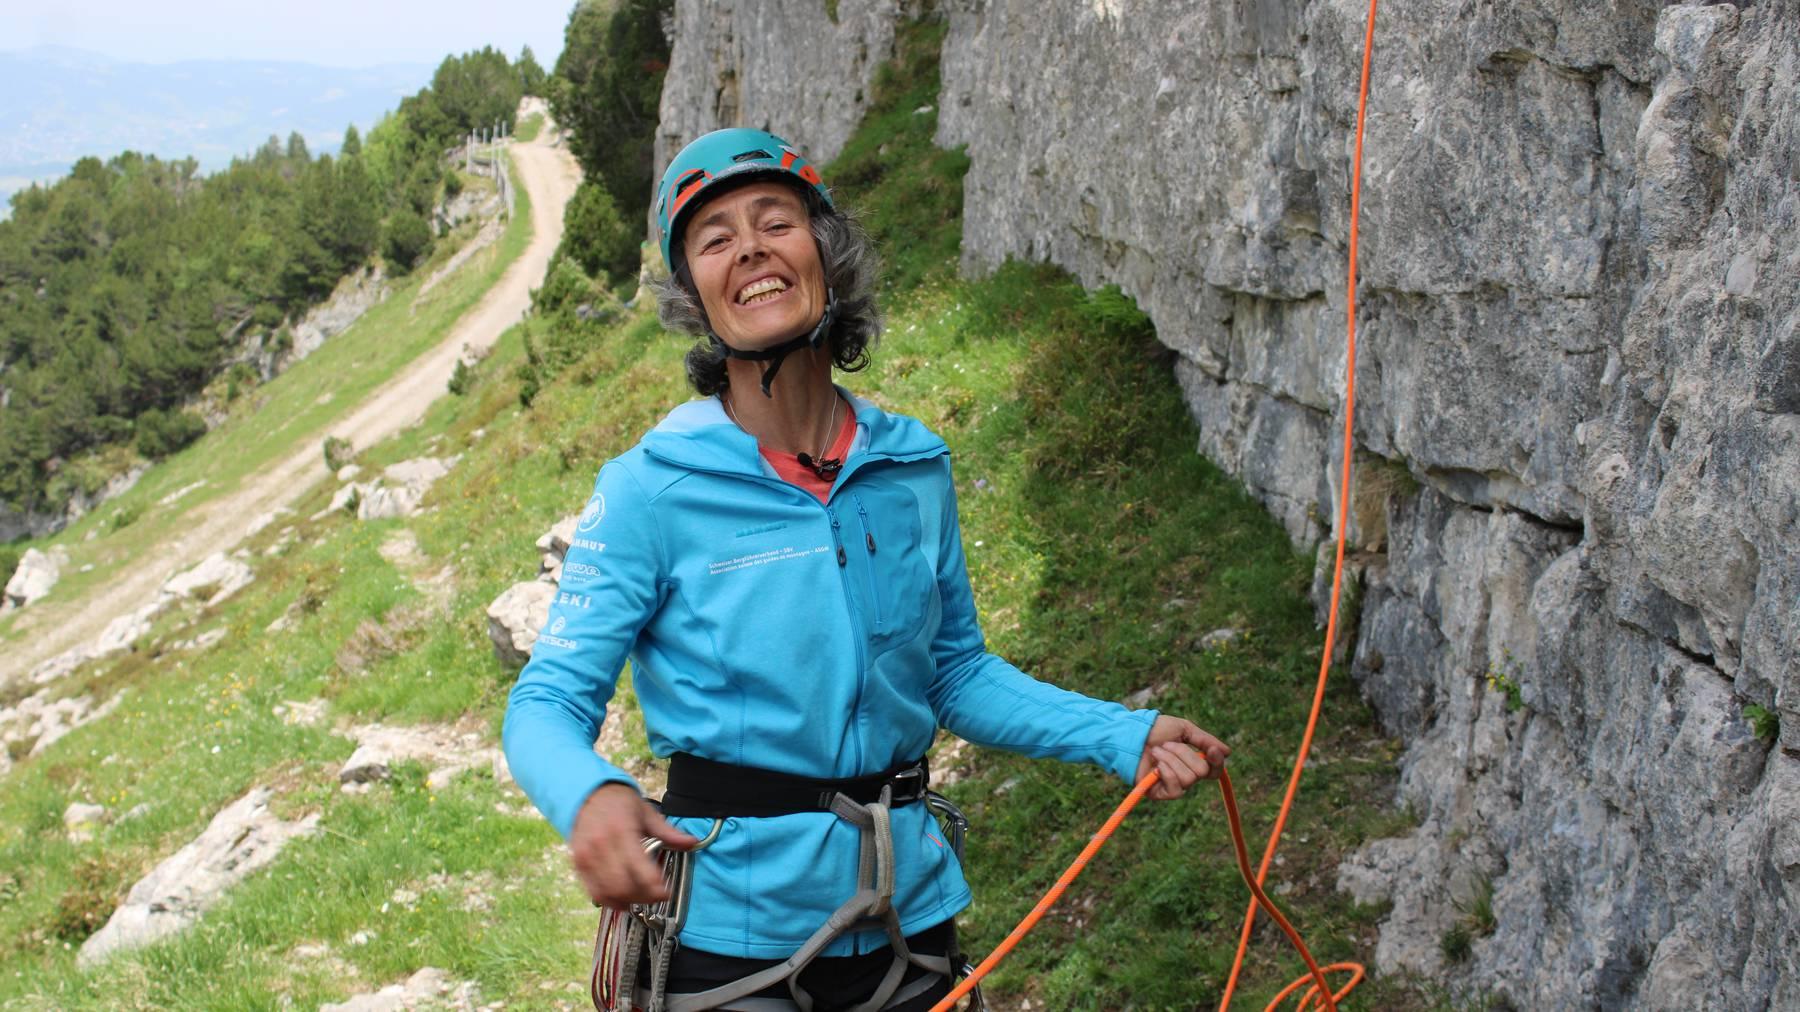 Für Christen ist Klettern eine Art «Lebenselixier».